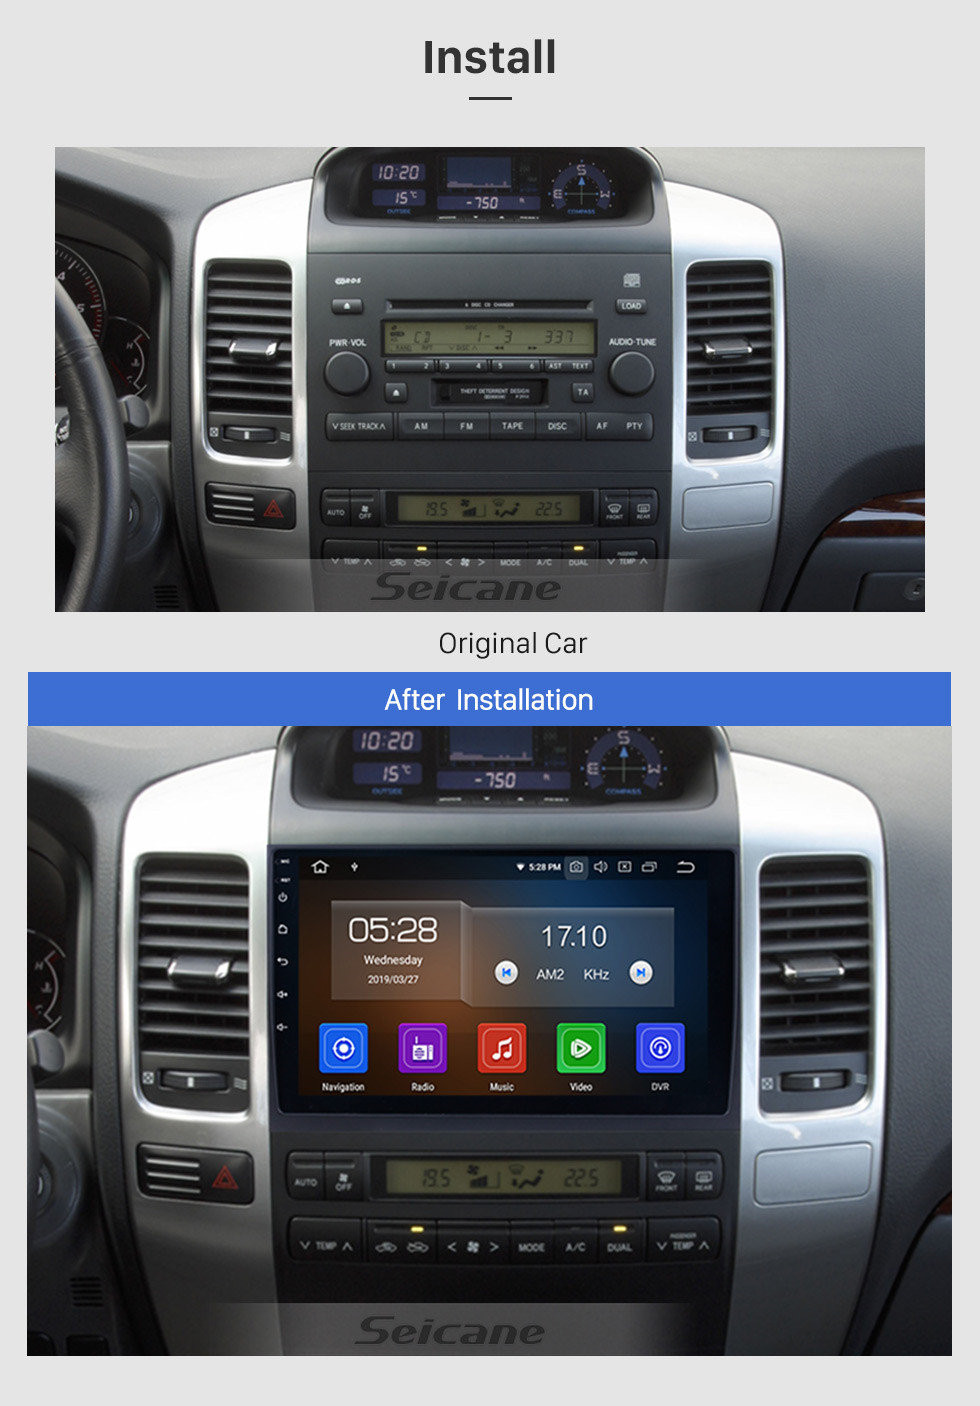 Seicane 2002-2009 Toyota Prado Cruiser Android 10.0 Autoradio Sistema de navegación en DVD con 3G WiFi Bluetooth Mirror Link OBD2 Cámara de visión trasera HD 1024 * 600 Pantalla multitáctil